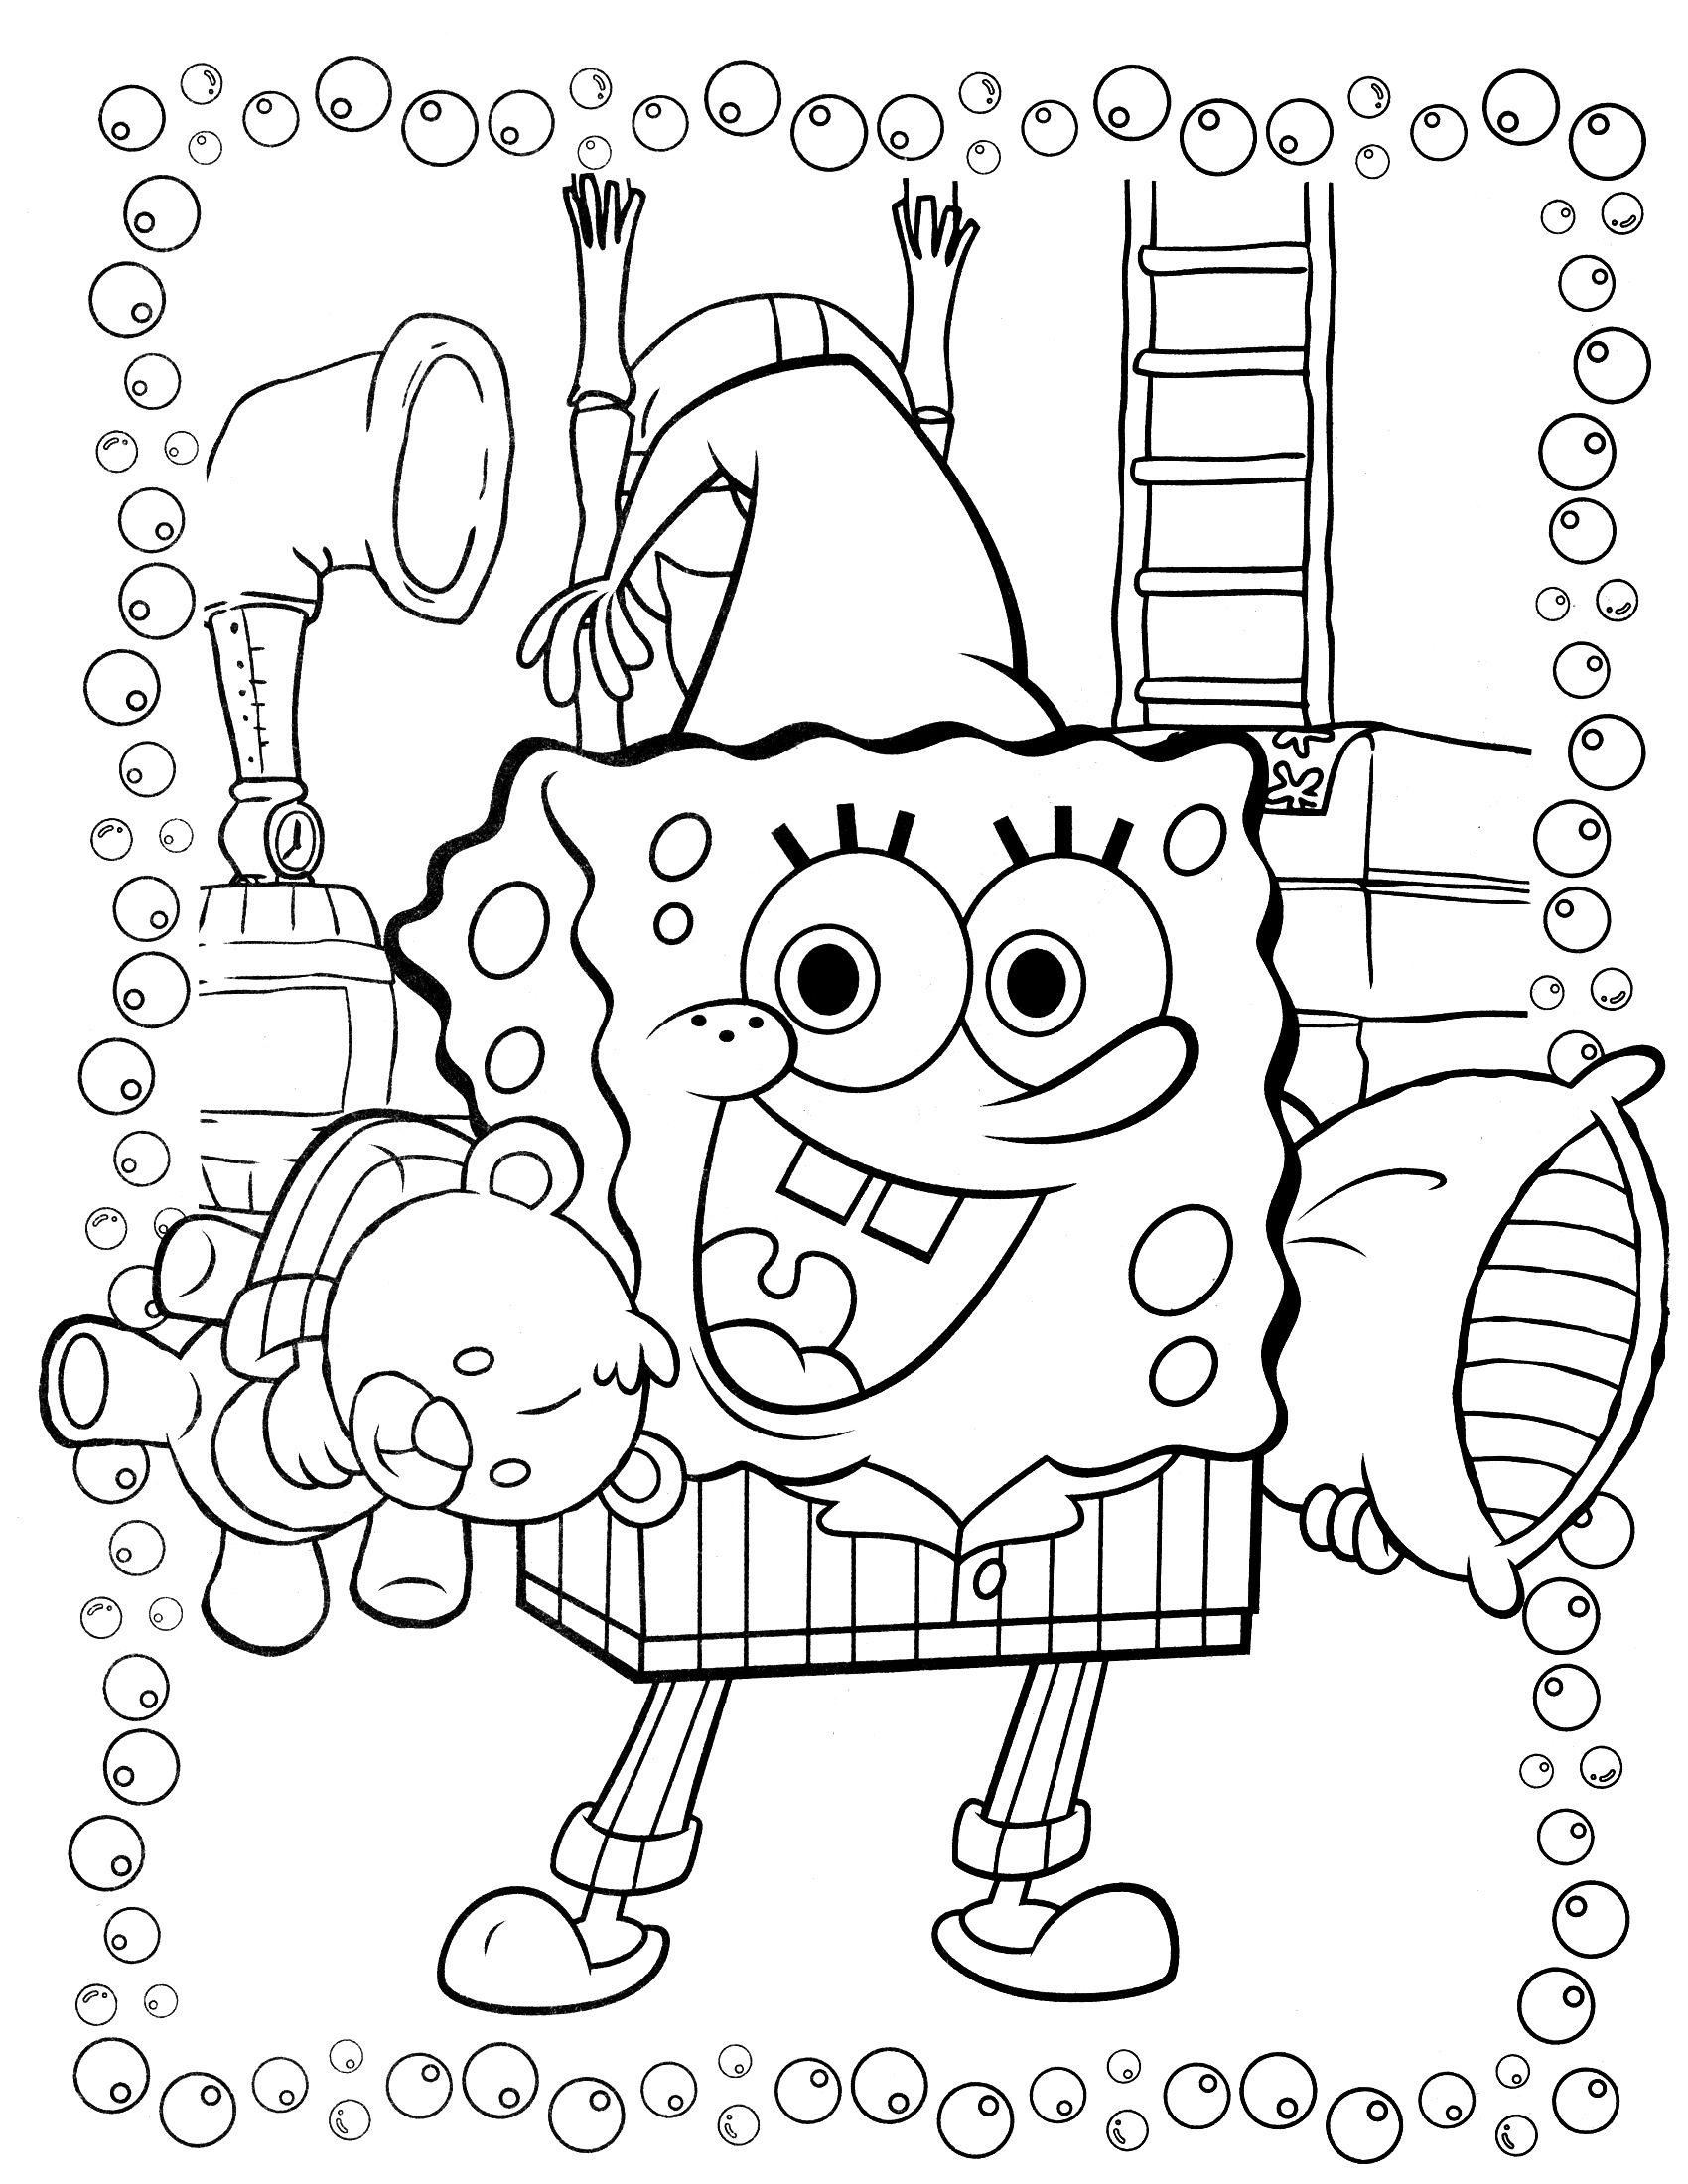 Tolle Spongebob Und Patrick Malvorlagen Druckbare Kinder Malvorlagen ...